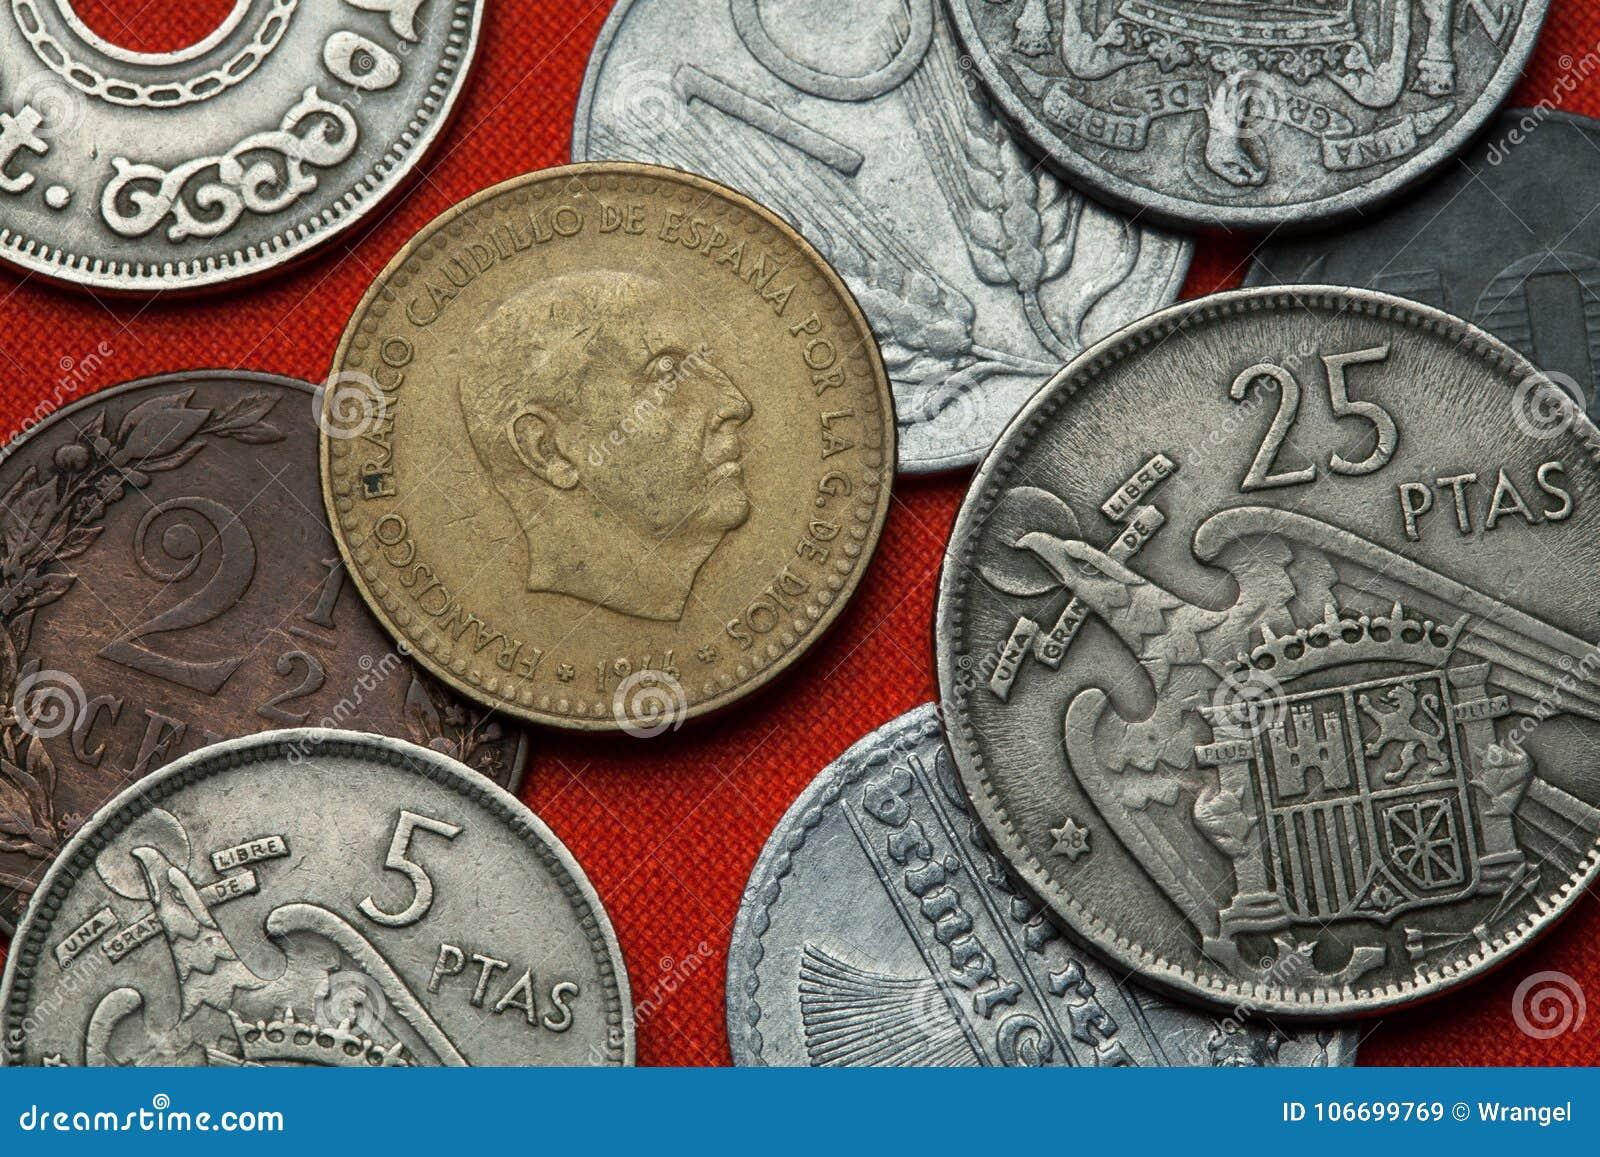 Νομίσματα της Ισπανίας Ισπανικός δικτάτορας Francisco Franco